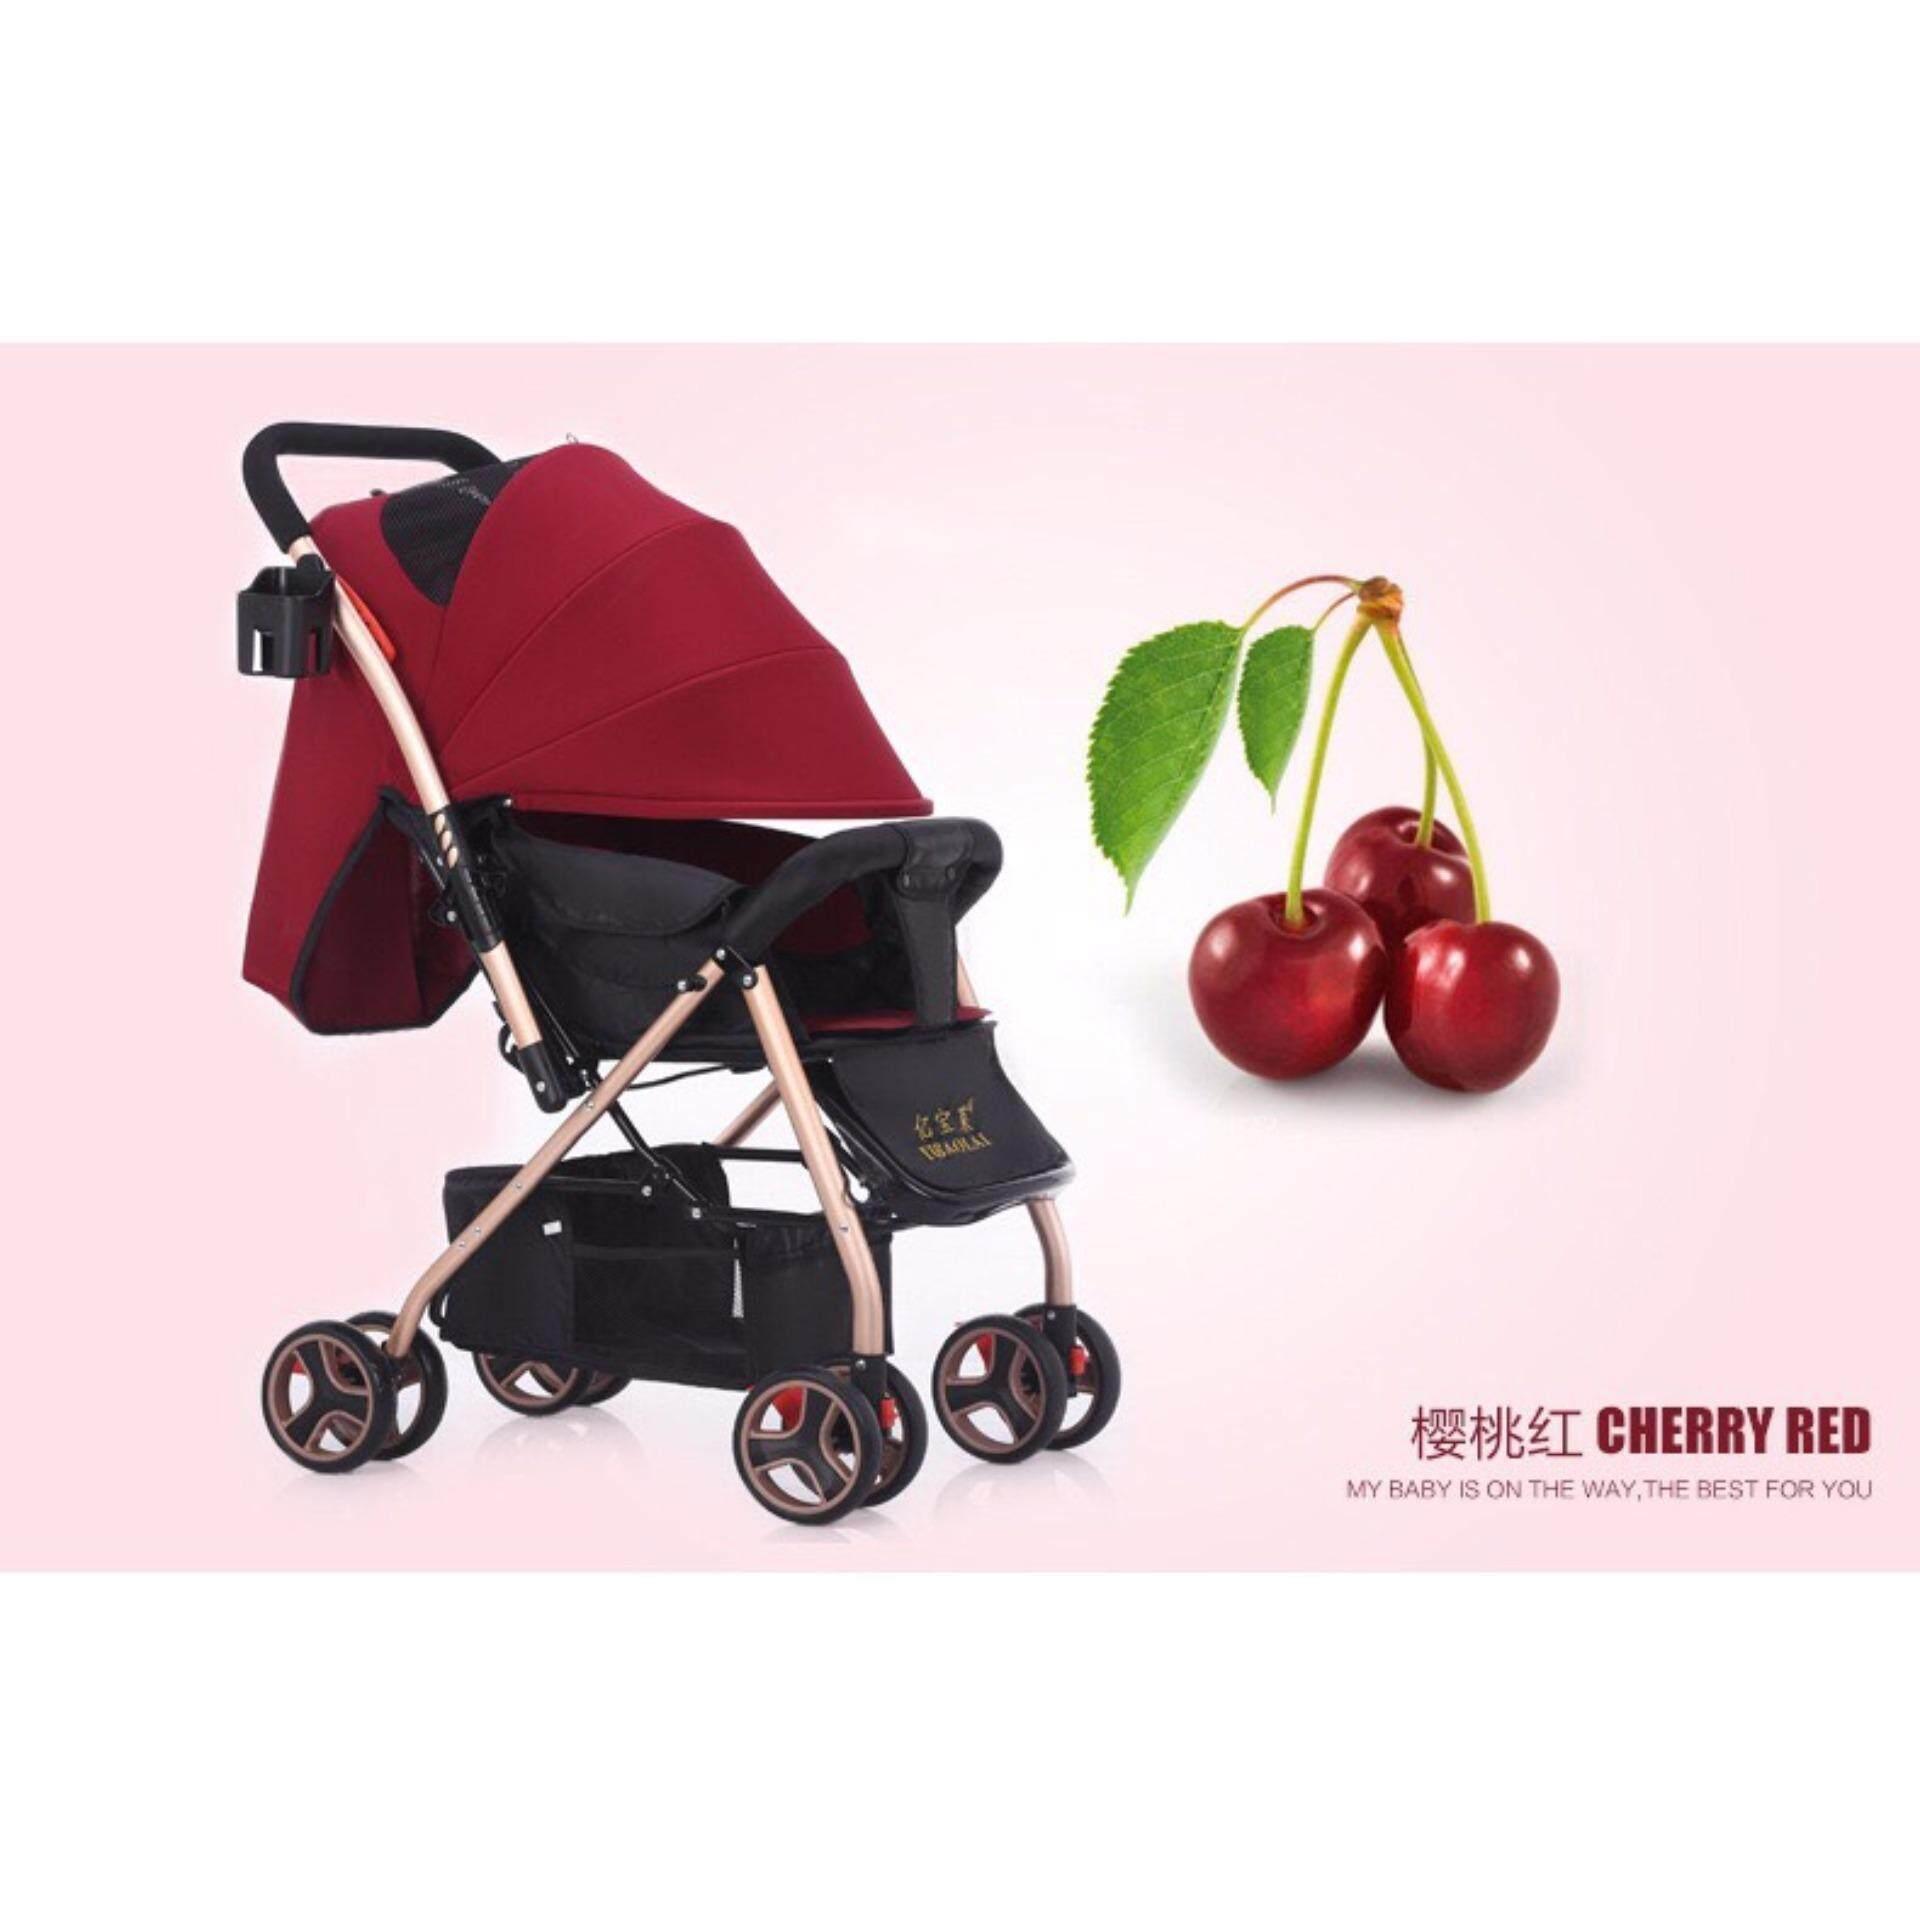 ส่งฟรี Unbranded/Generic อุปกรณ์เสริมรถเข็นเด็ก ชุดเซ็ตของเล่น น่ารัก แขวนติดรถเข็น ติดเตียงนอนเด็ก มีประกินสินค้า